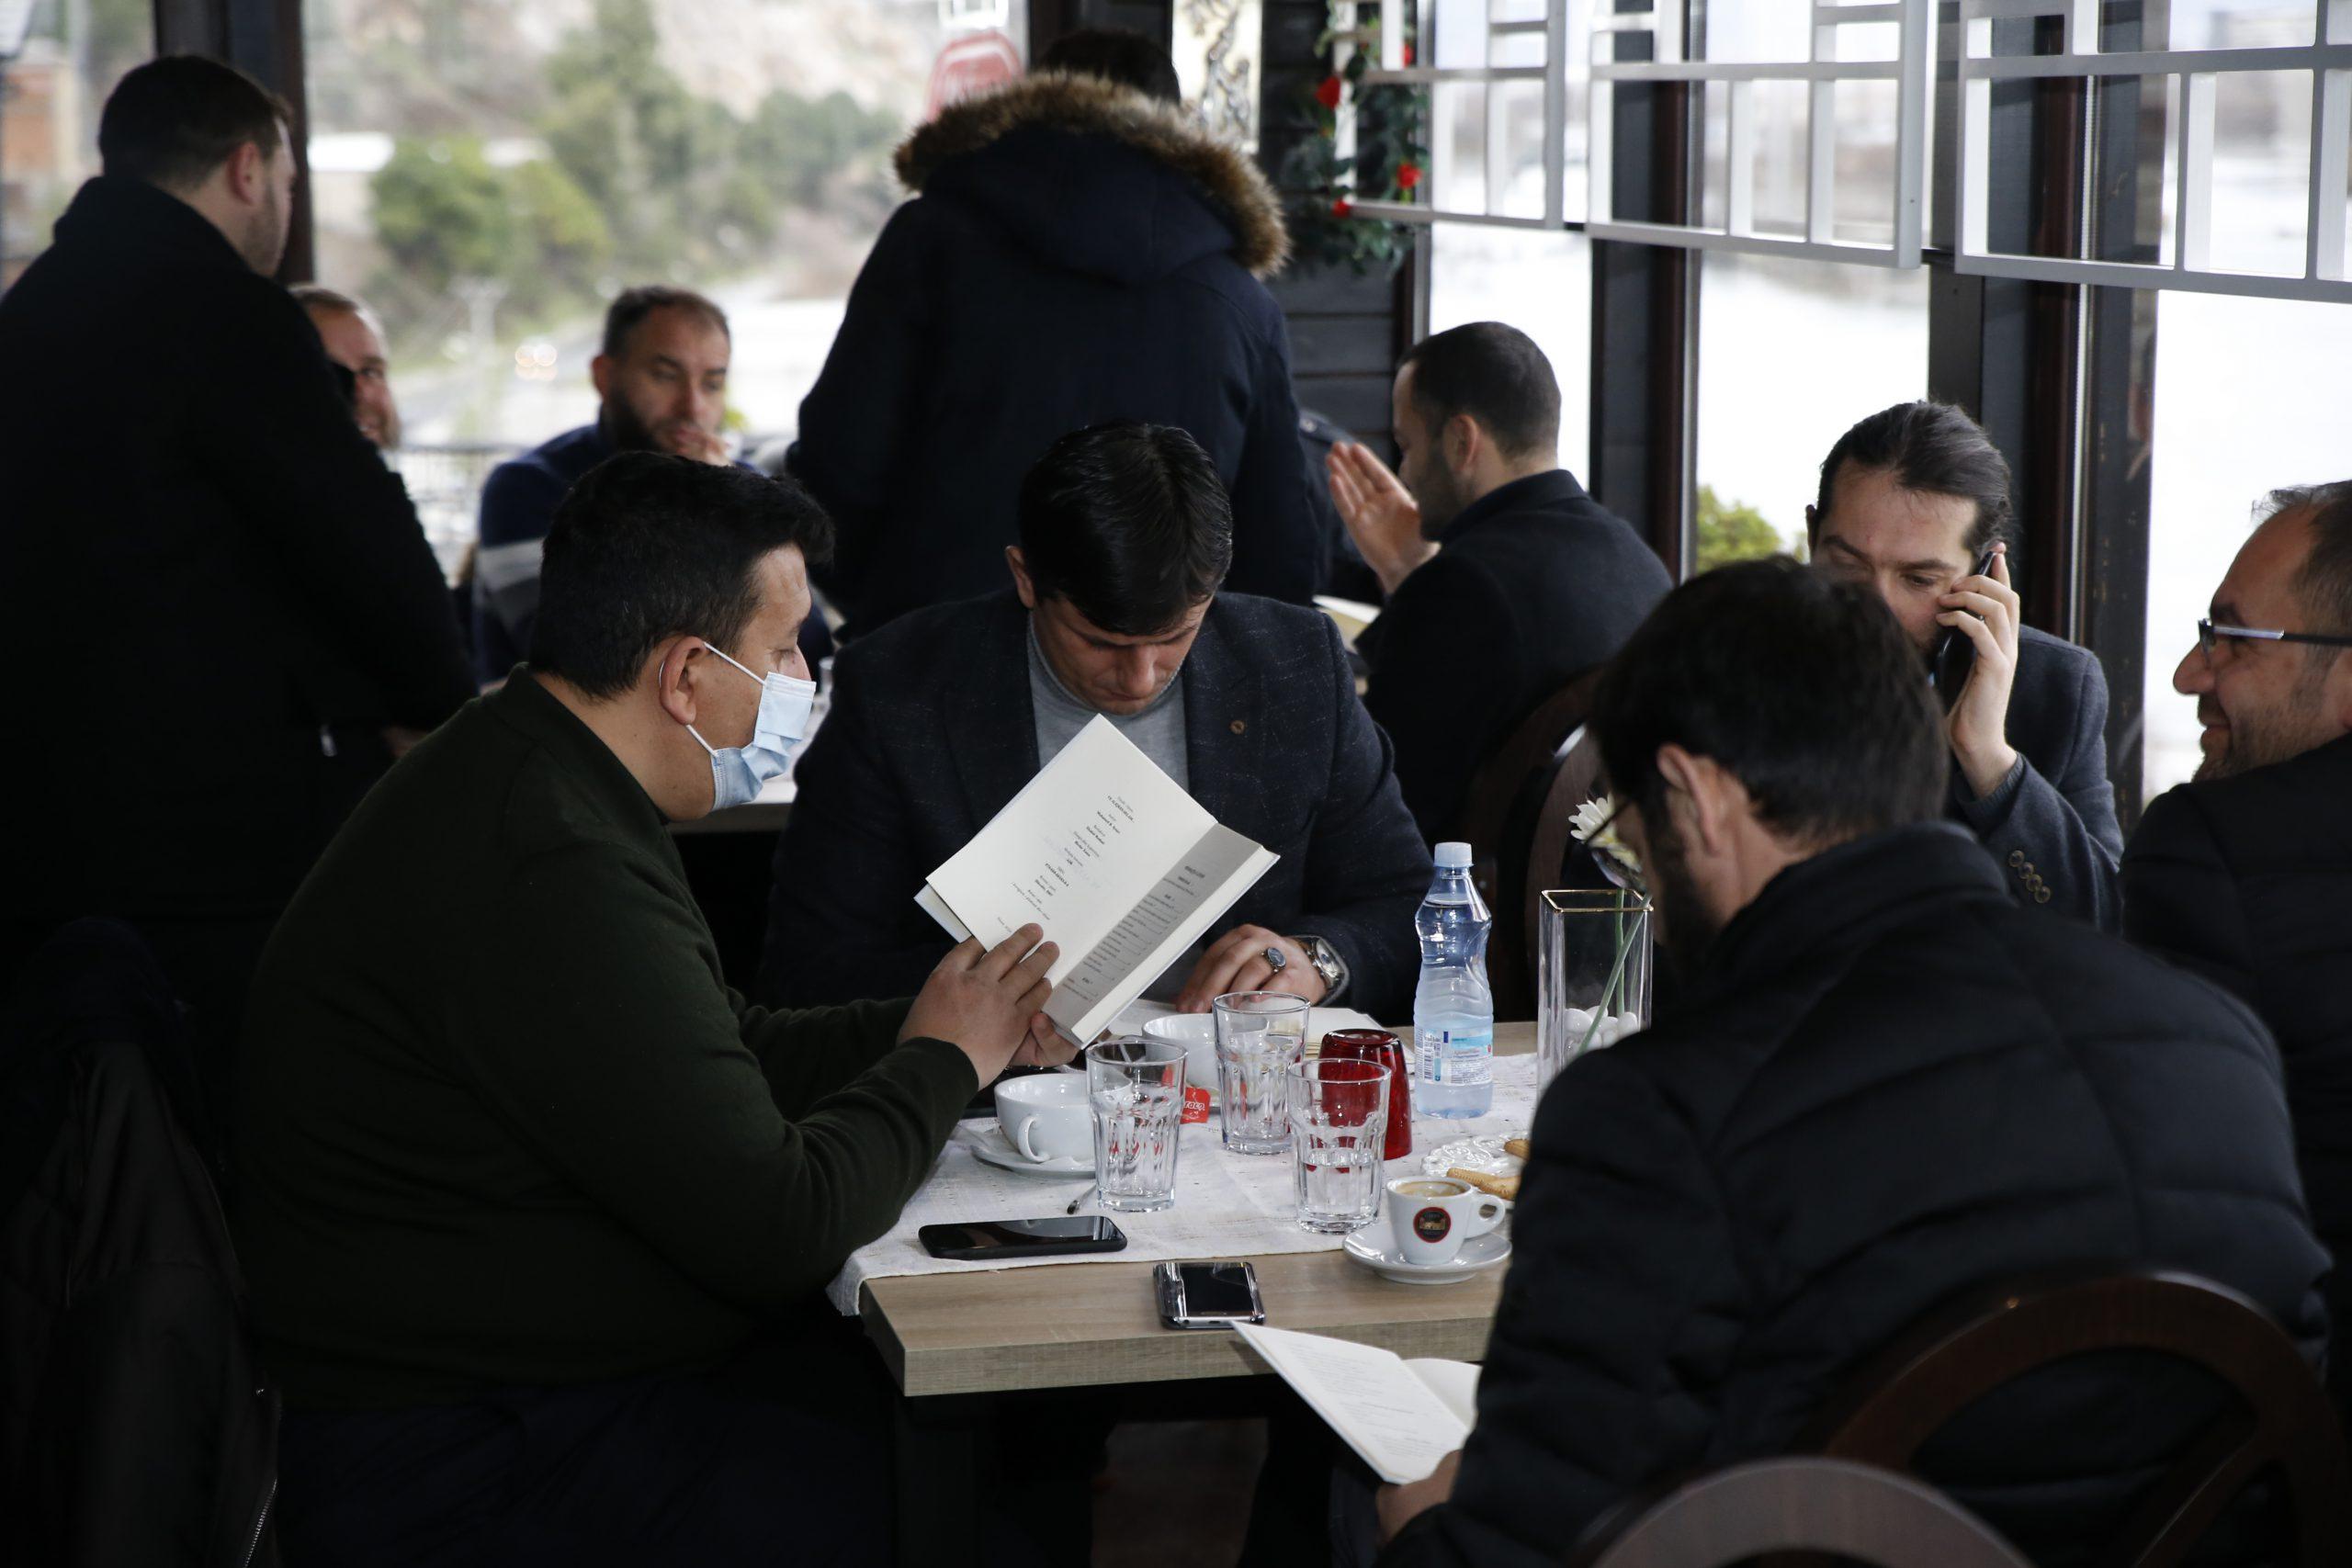 """Libri i ri: """"Ve alejkes-Selam…"""", mbledh studiues e imamë në një bashkëbisedim intelektual"""